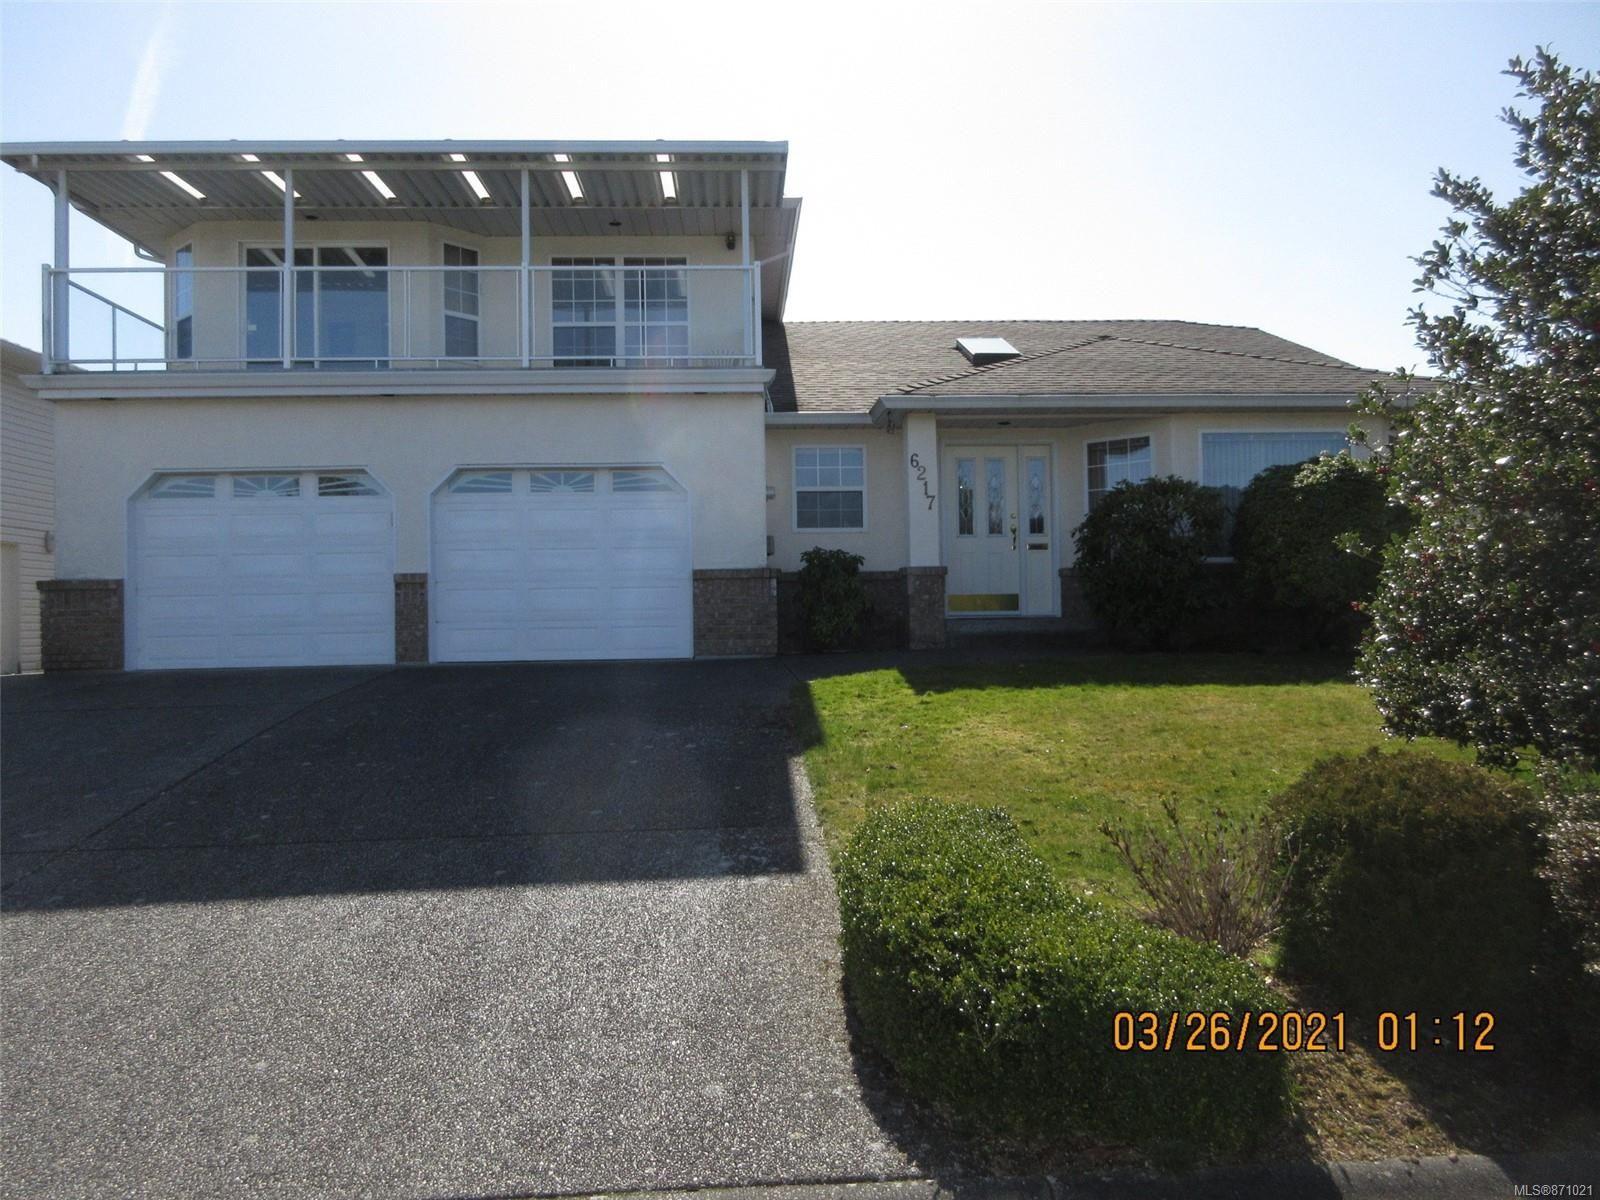 Main Photo: 6217 Waterbury Rd in : Na North Nanaimo House for sale (Nanaimo)  : MLS®# 871021